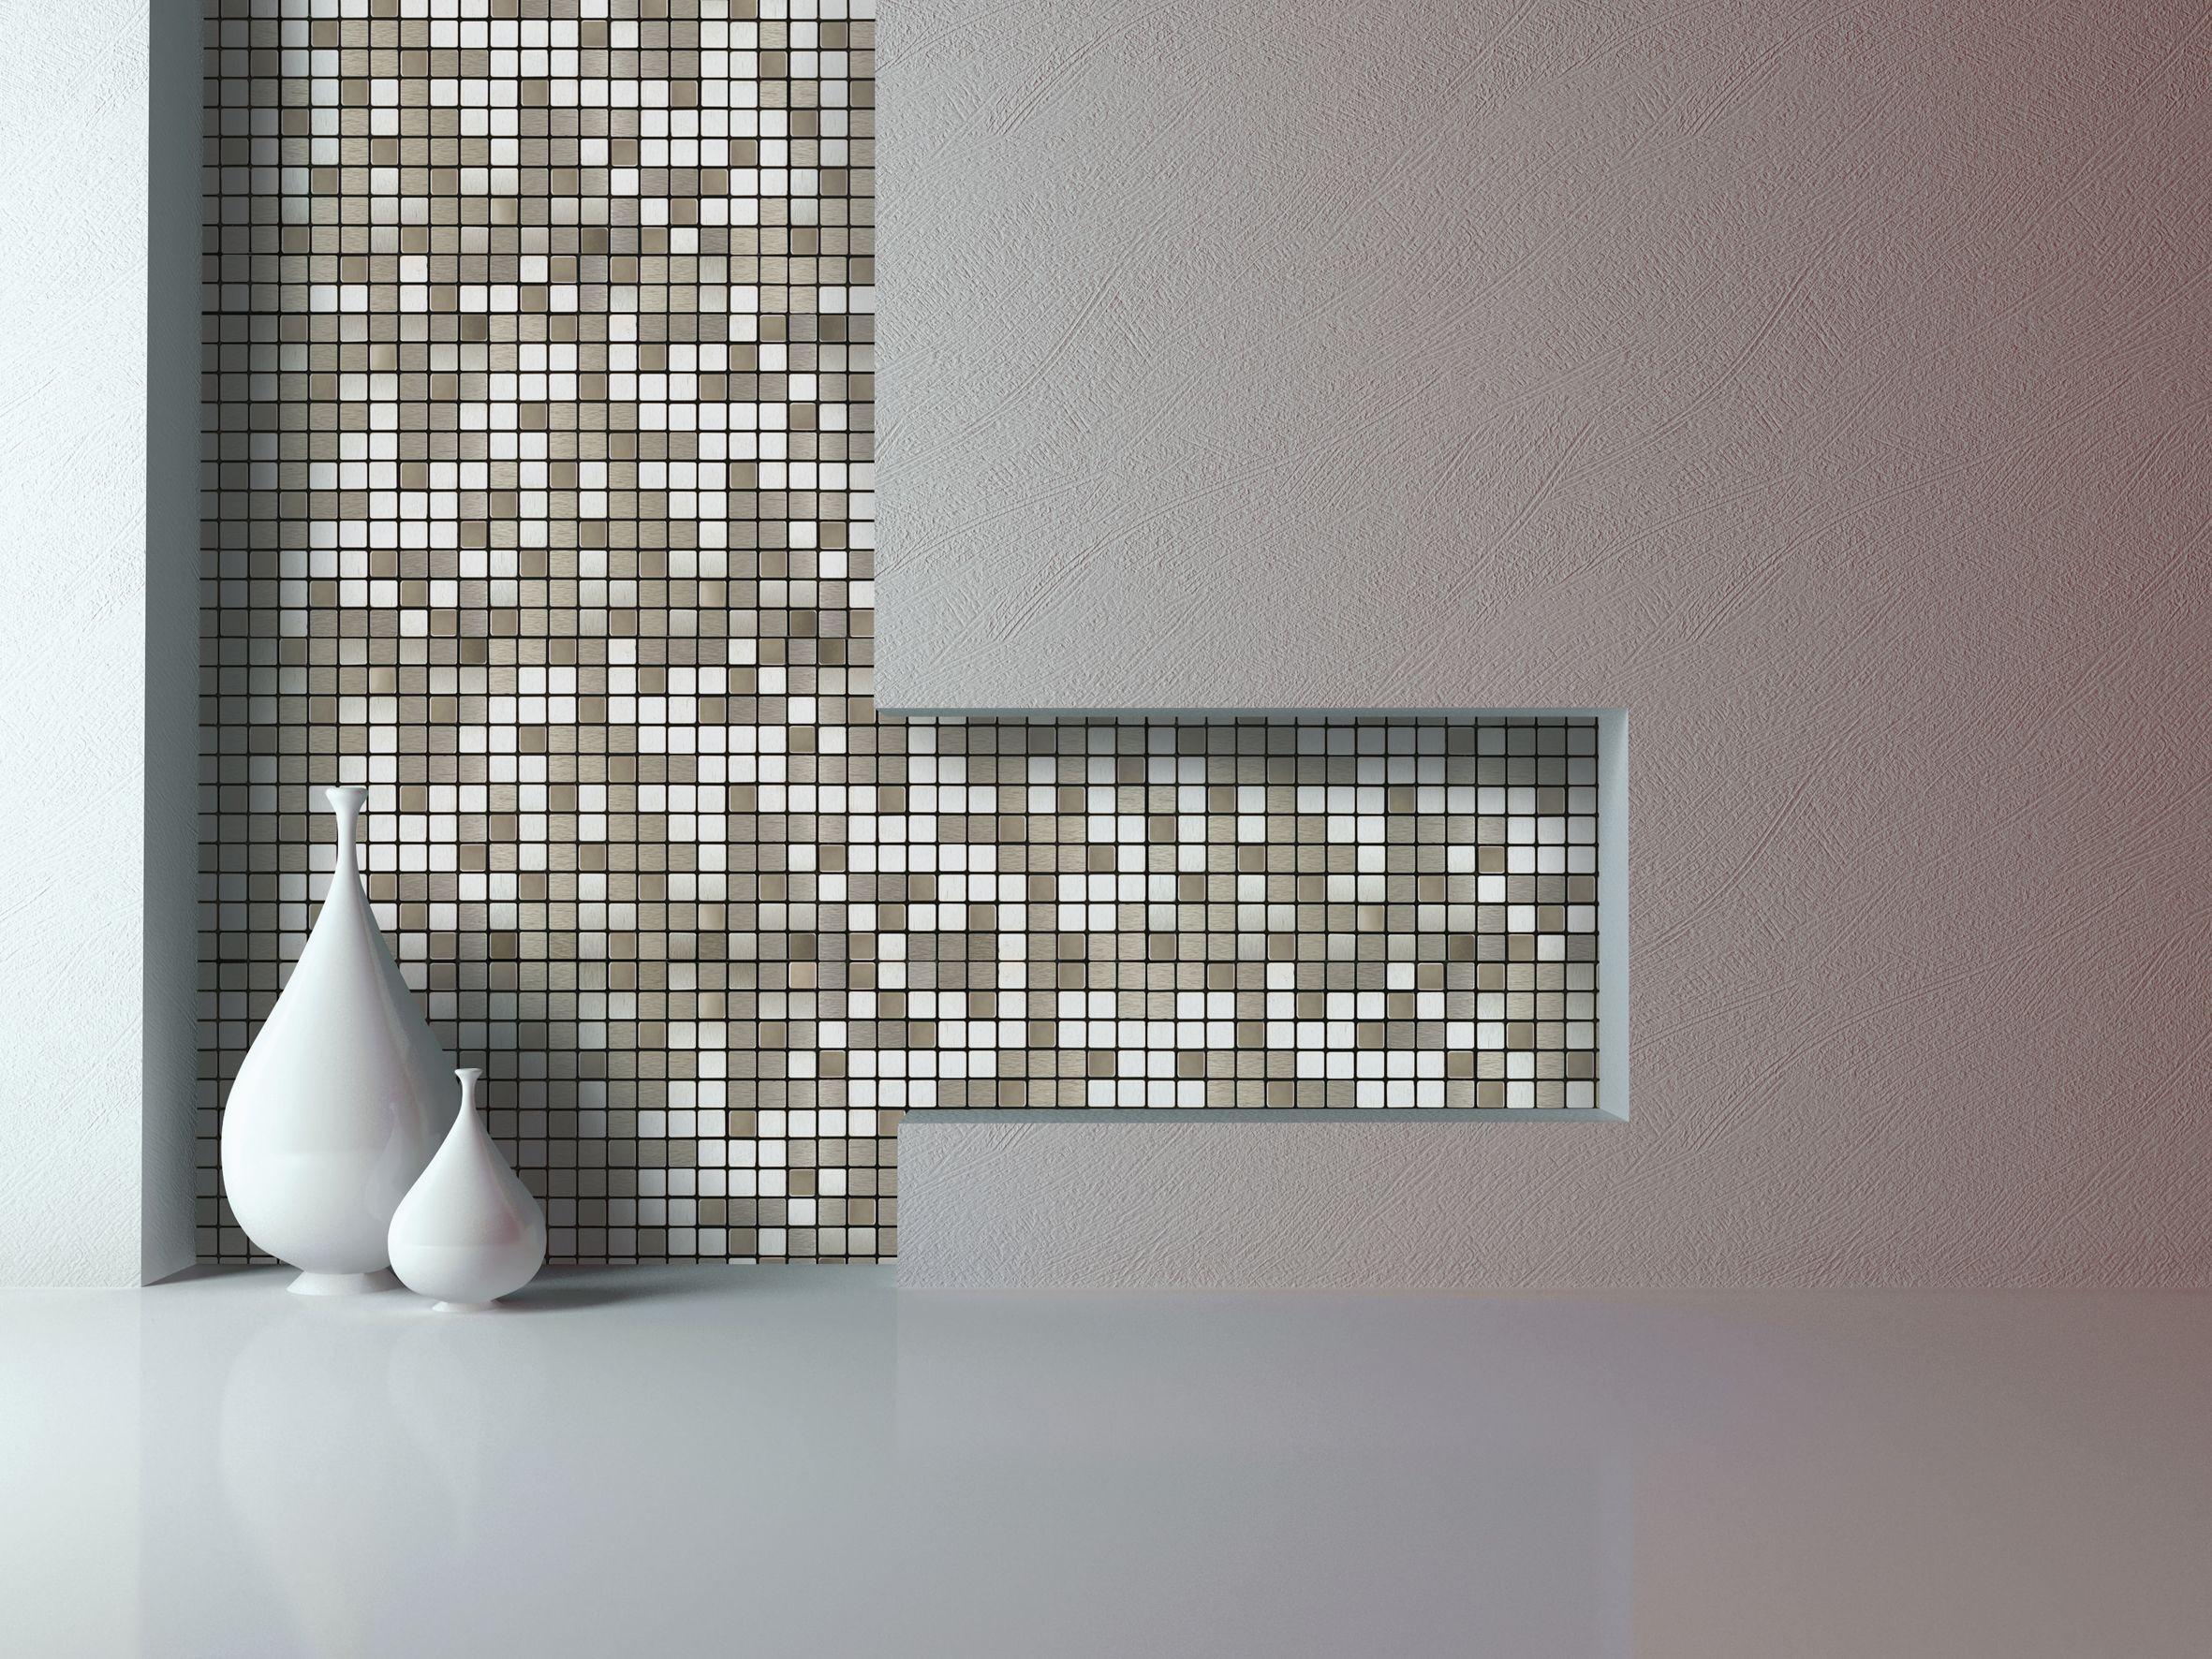 Abu Dhabi Silver Effect Brushed Metal Self Adhesive Metal Mosaic